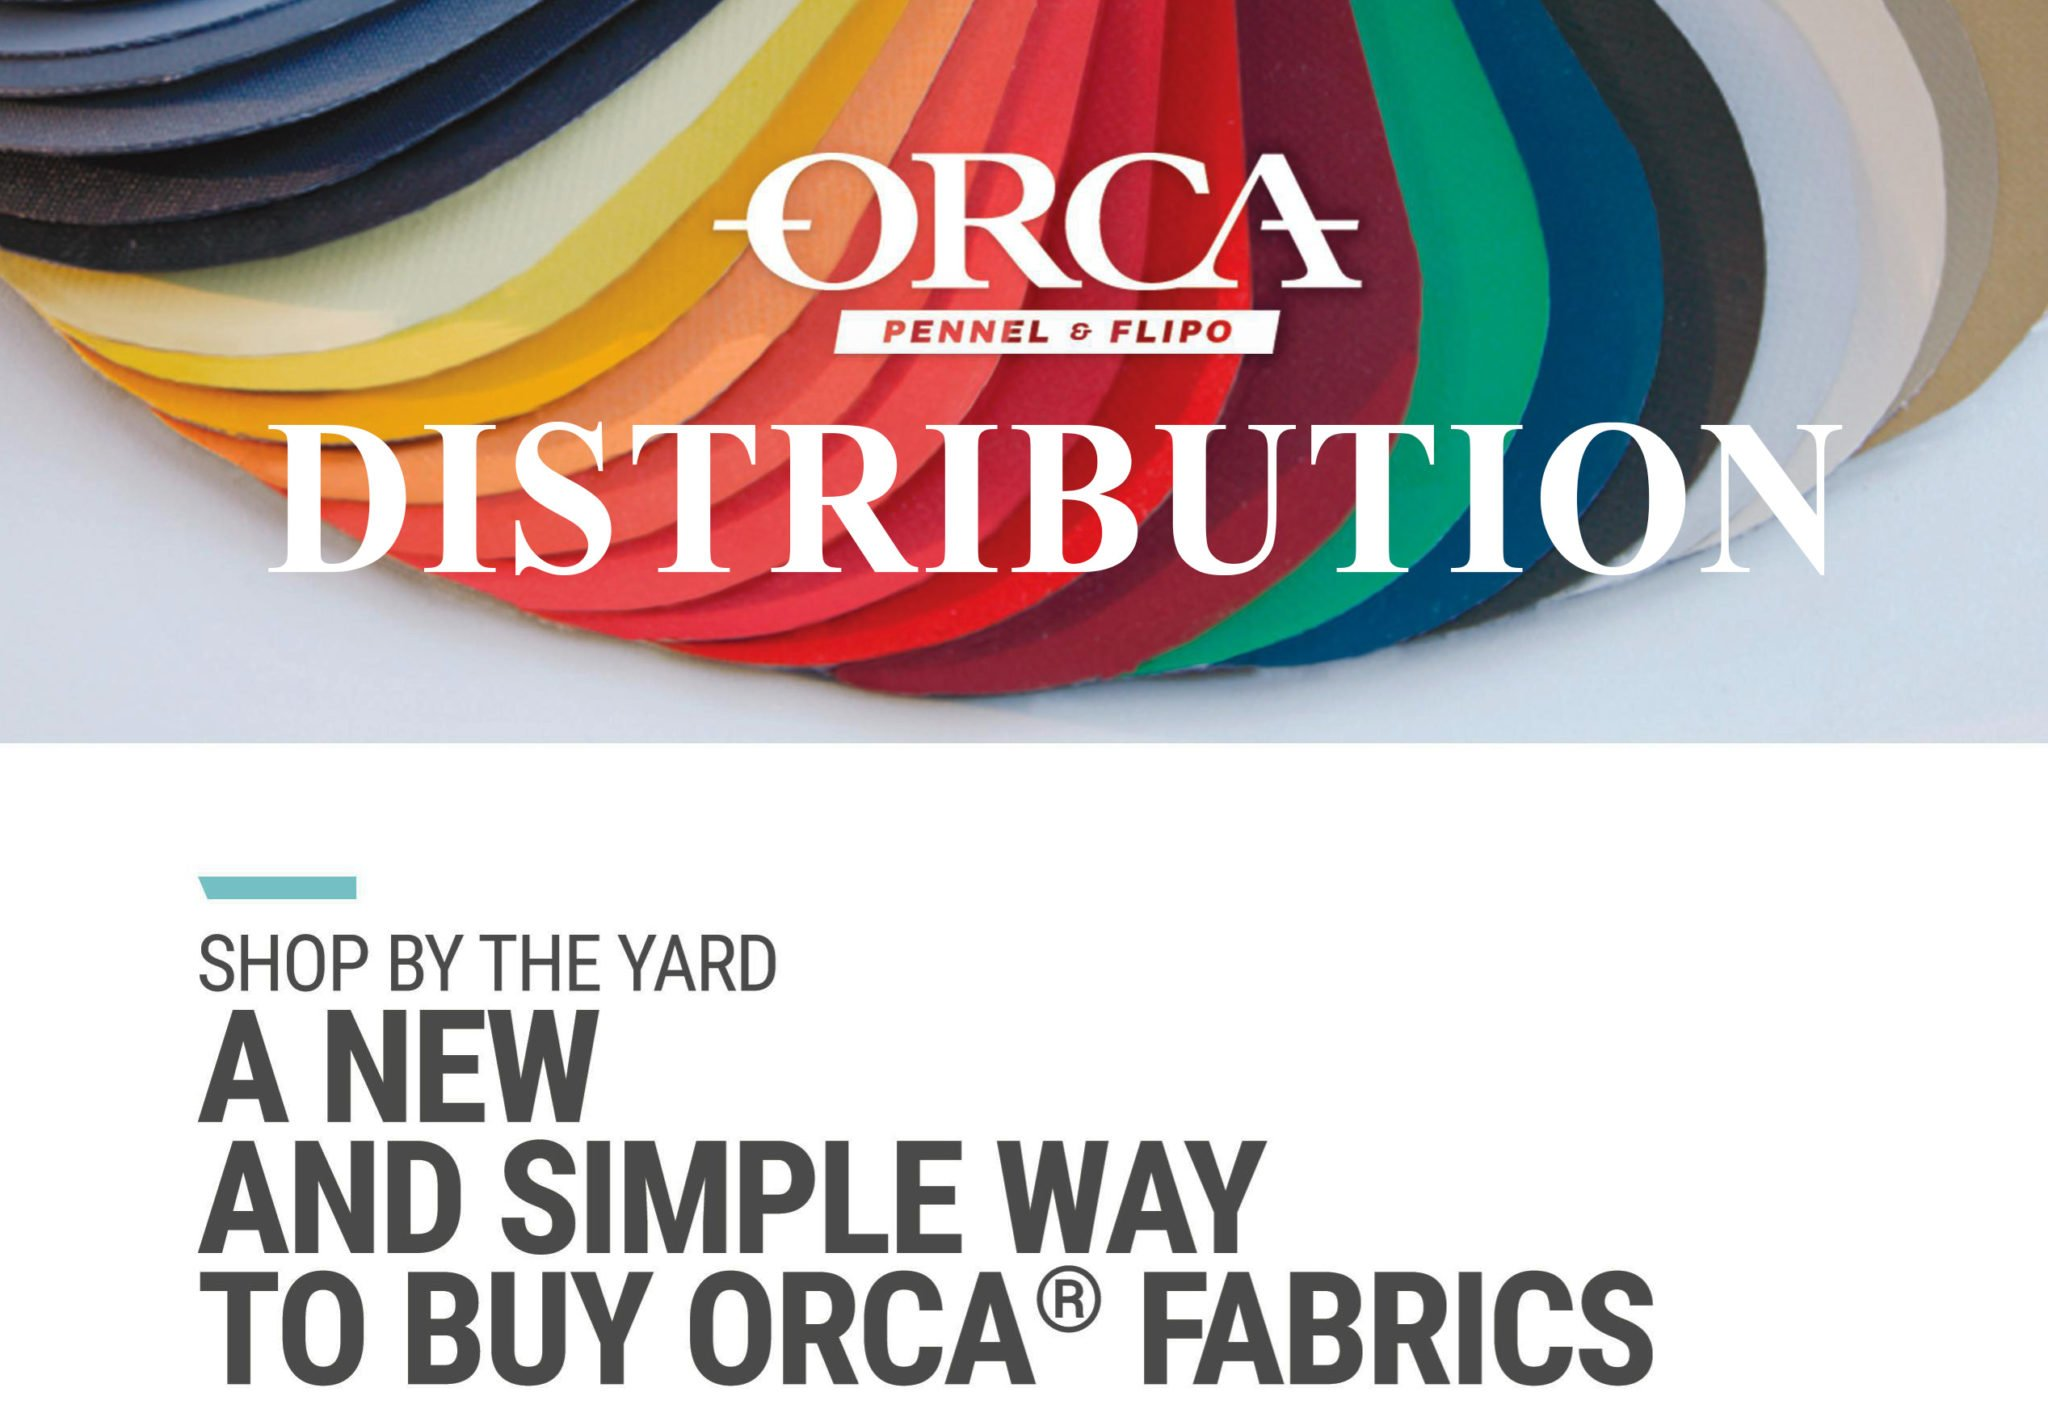 Affiche-pub-pour-communication-Orca-distribution.jpg